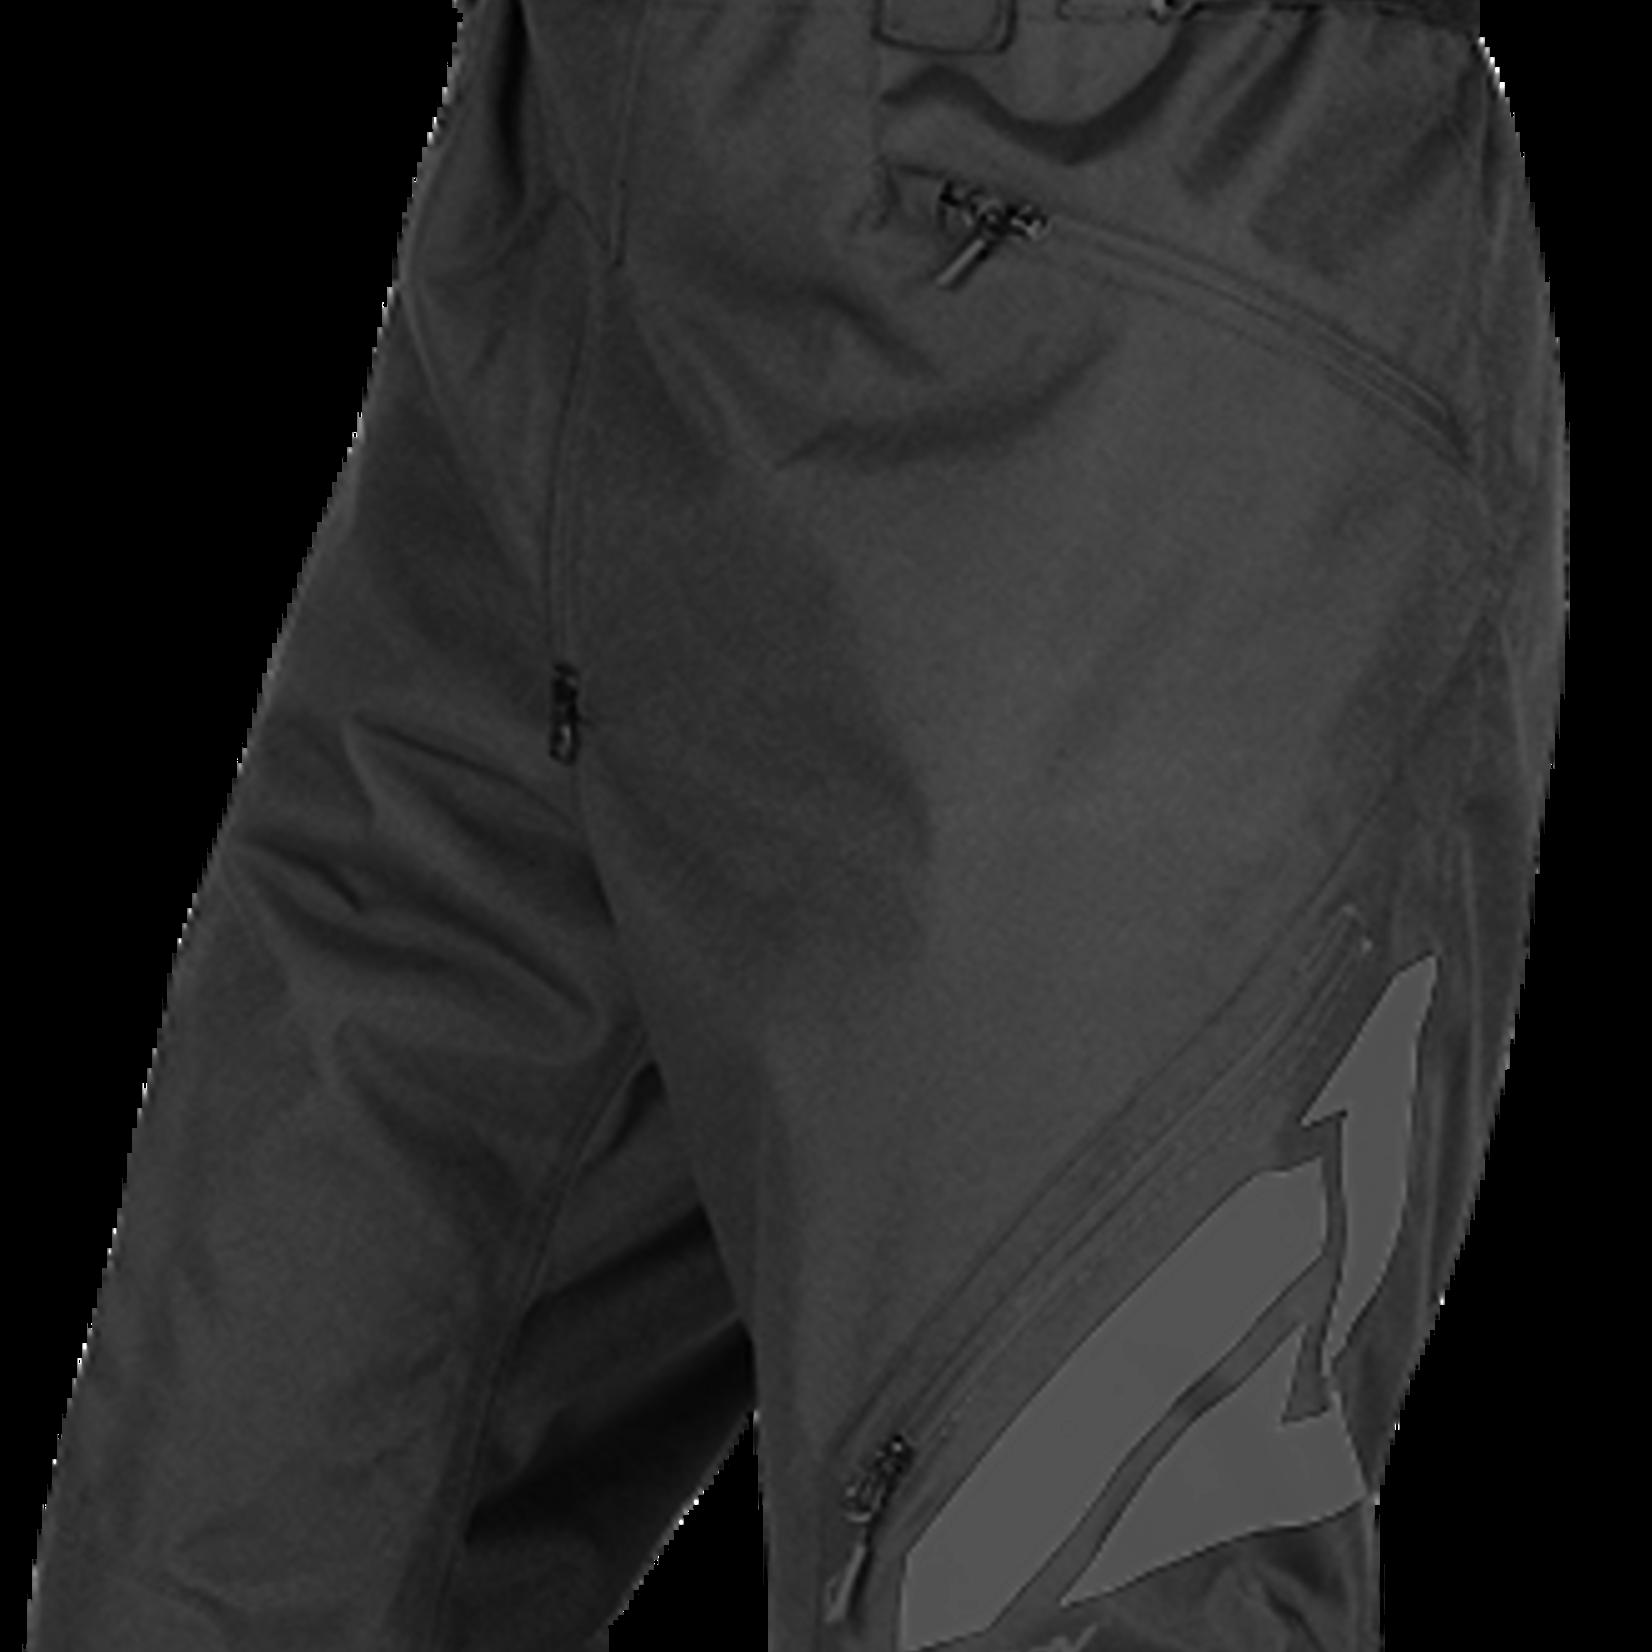 FXR FXR Men's Clutch FX Pant - Black Ops